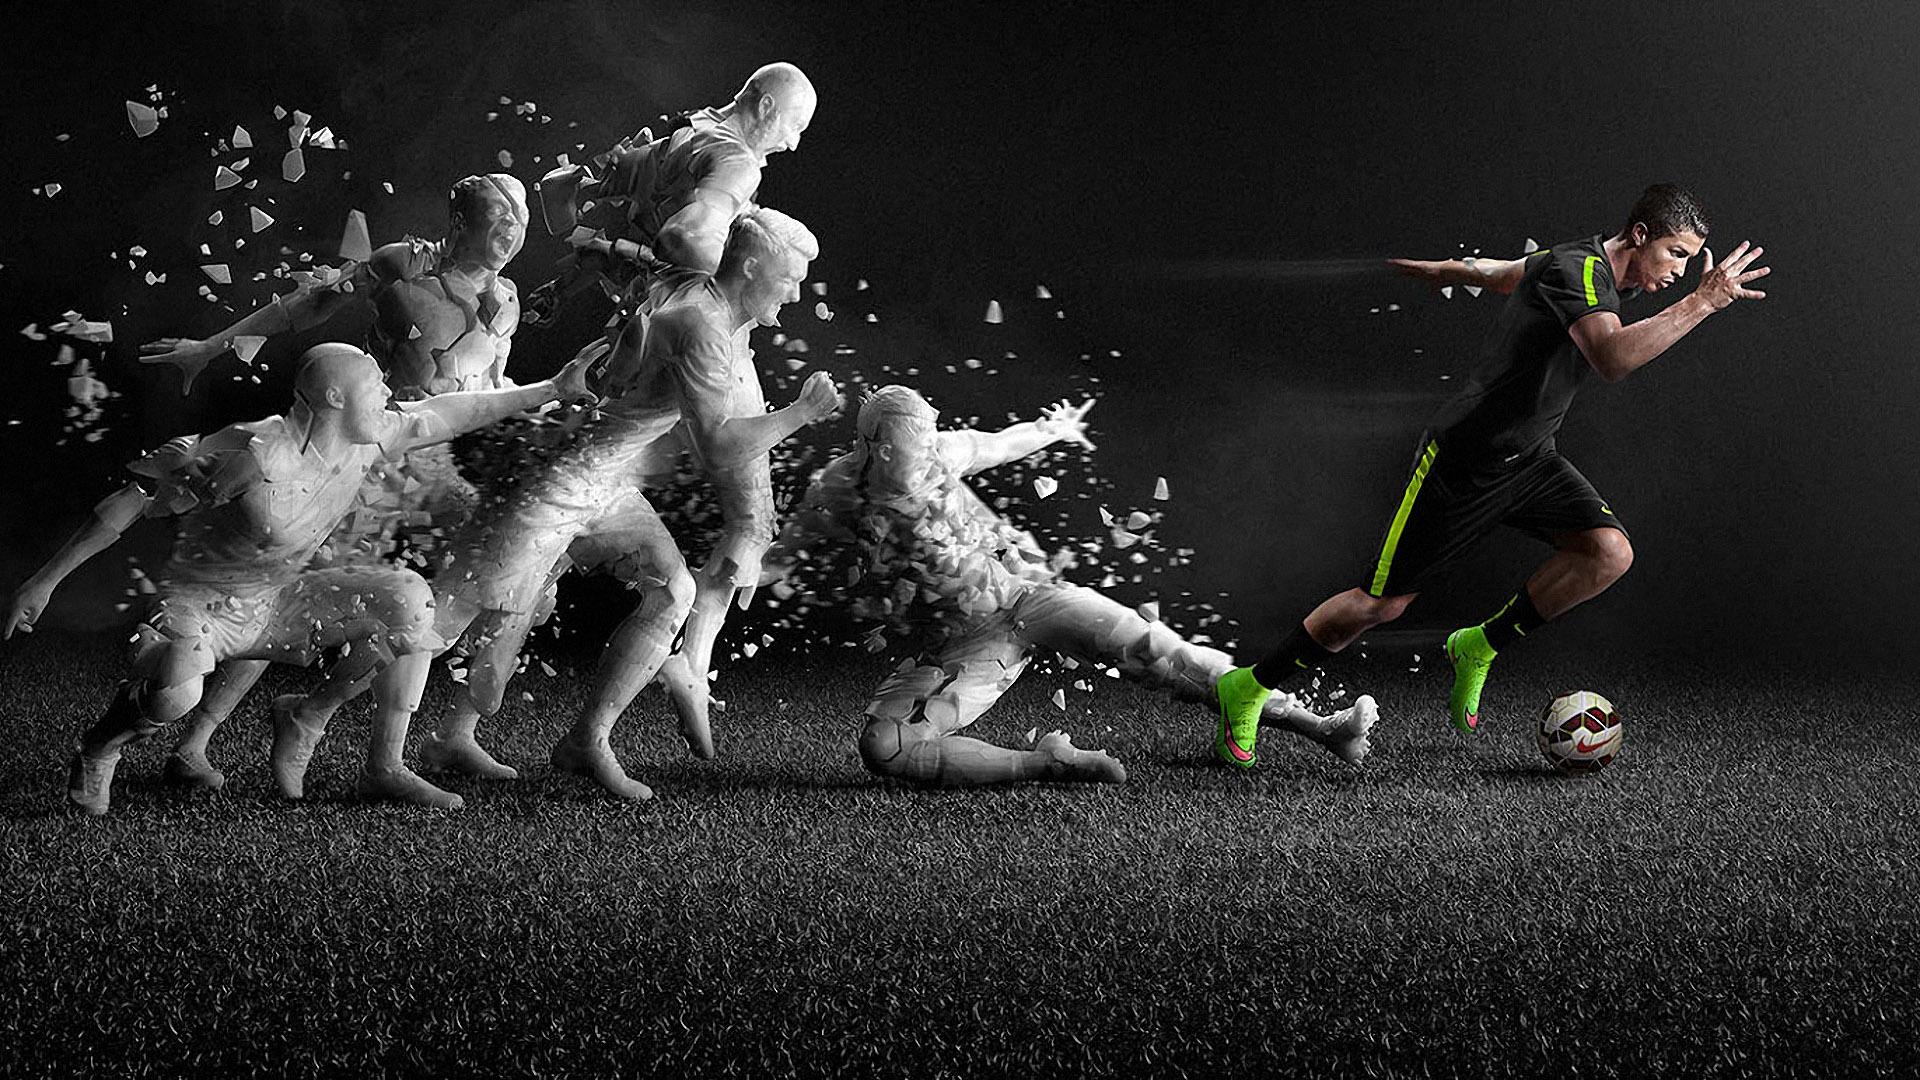 صورة خلفيات ريال مدريد , رمزيات الفريق الاسباني لكرة القدم 3142 8